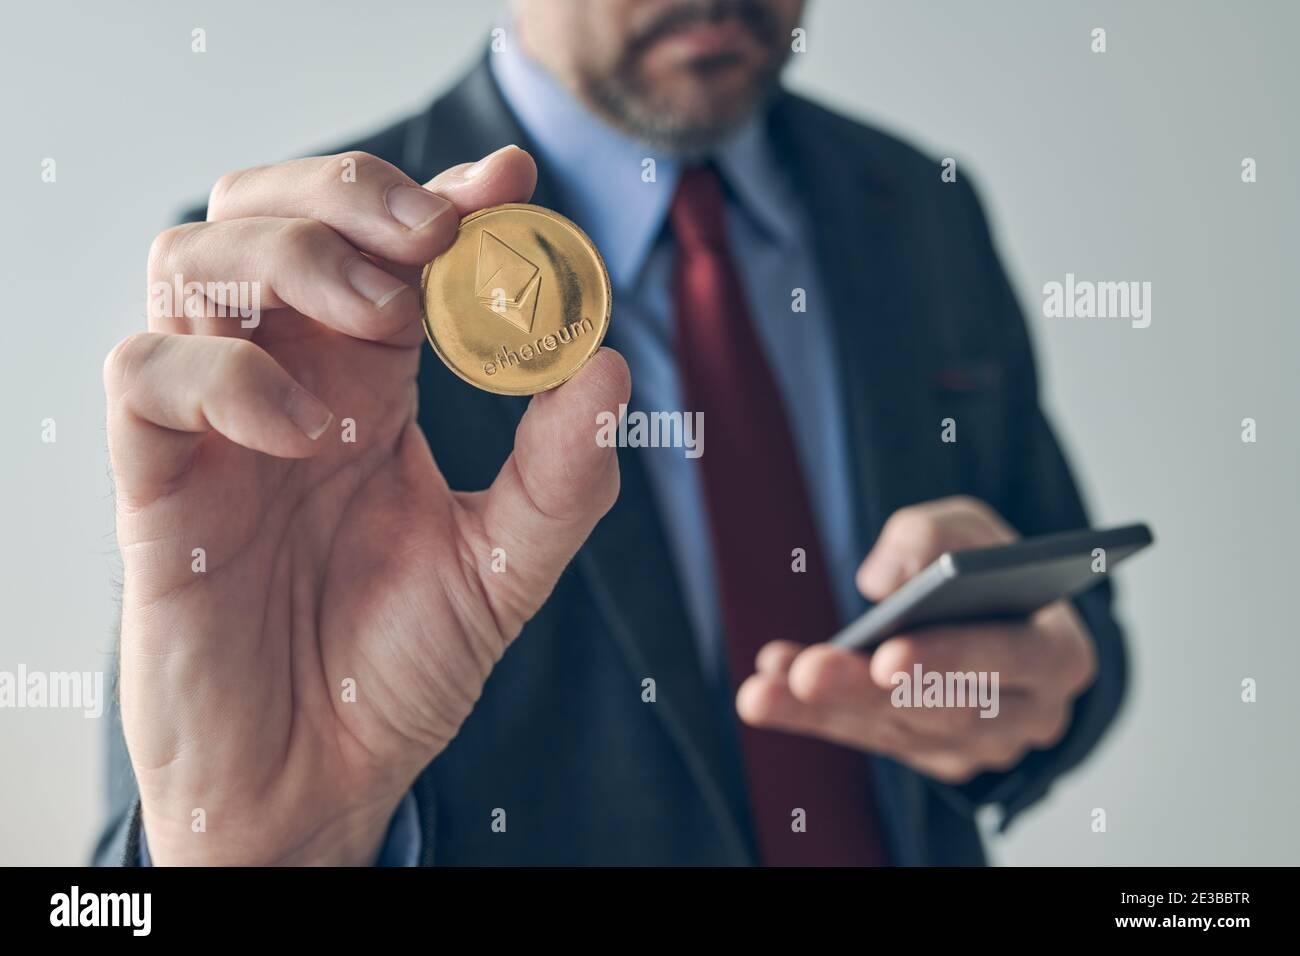 come investire in bitcoin senza